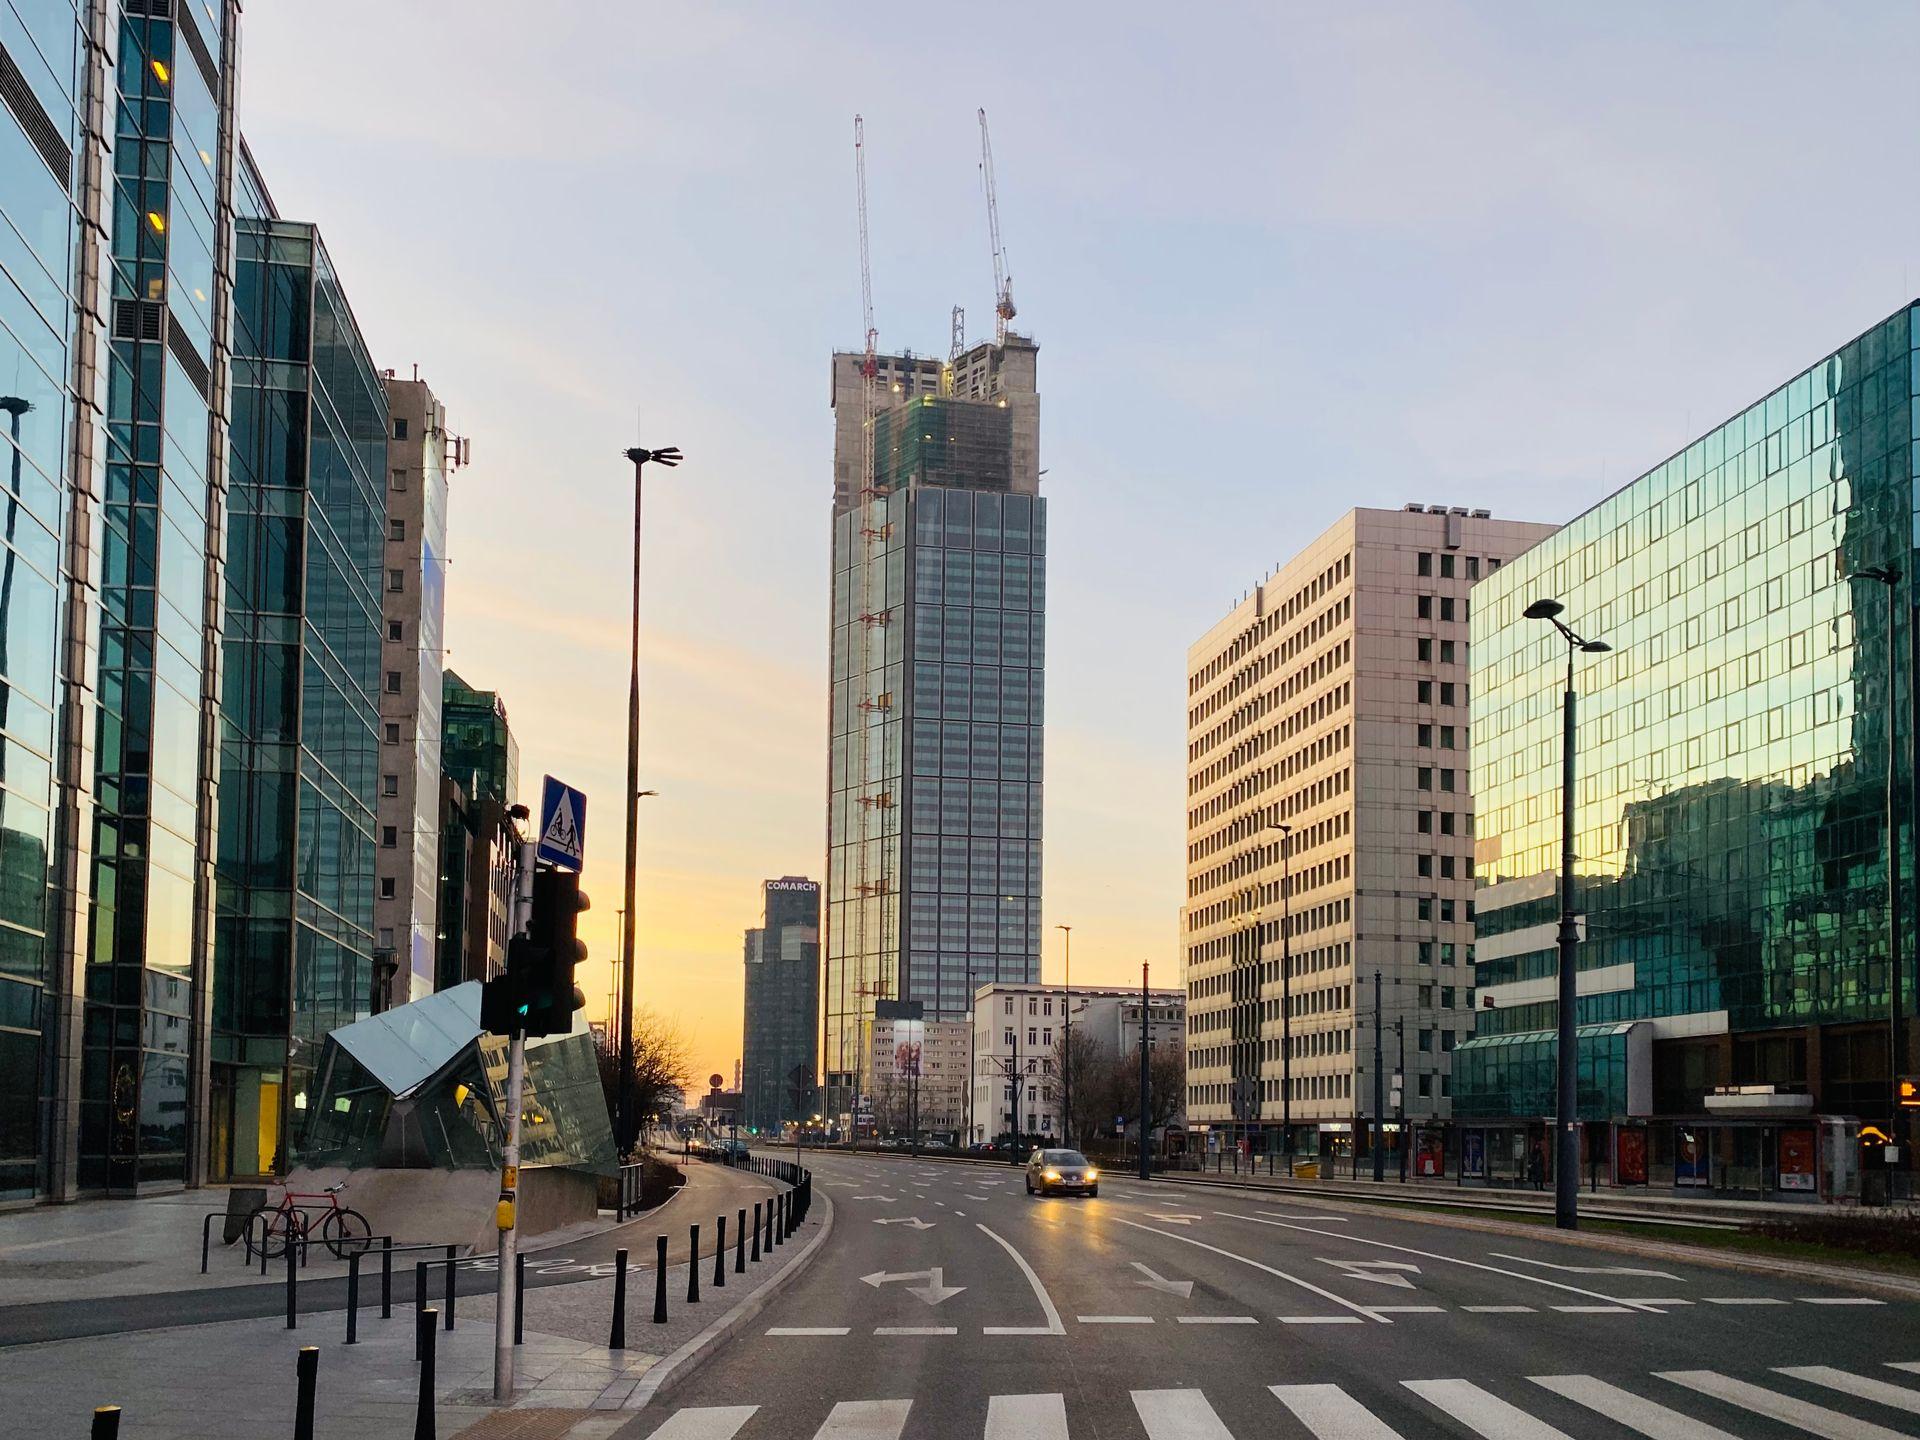 W Warszawie trwa budowa 310 metrowej wieży Varso Tower [ZDJĘCIA + FILM]